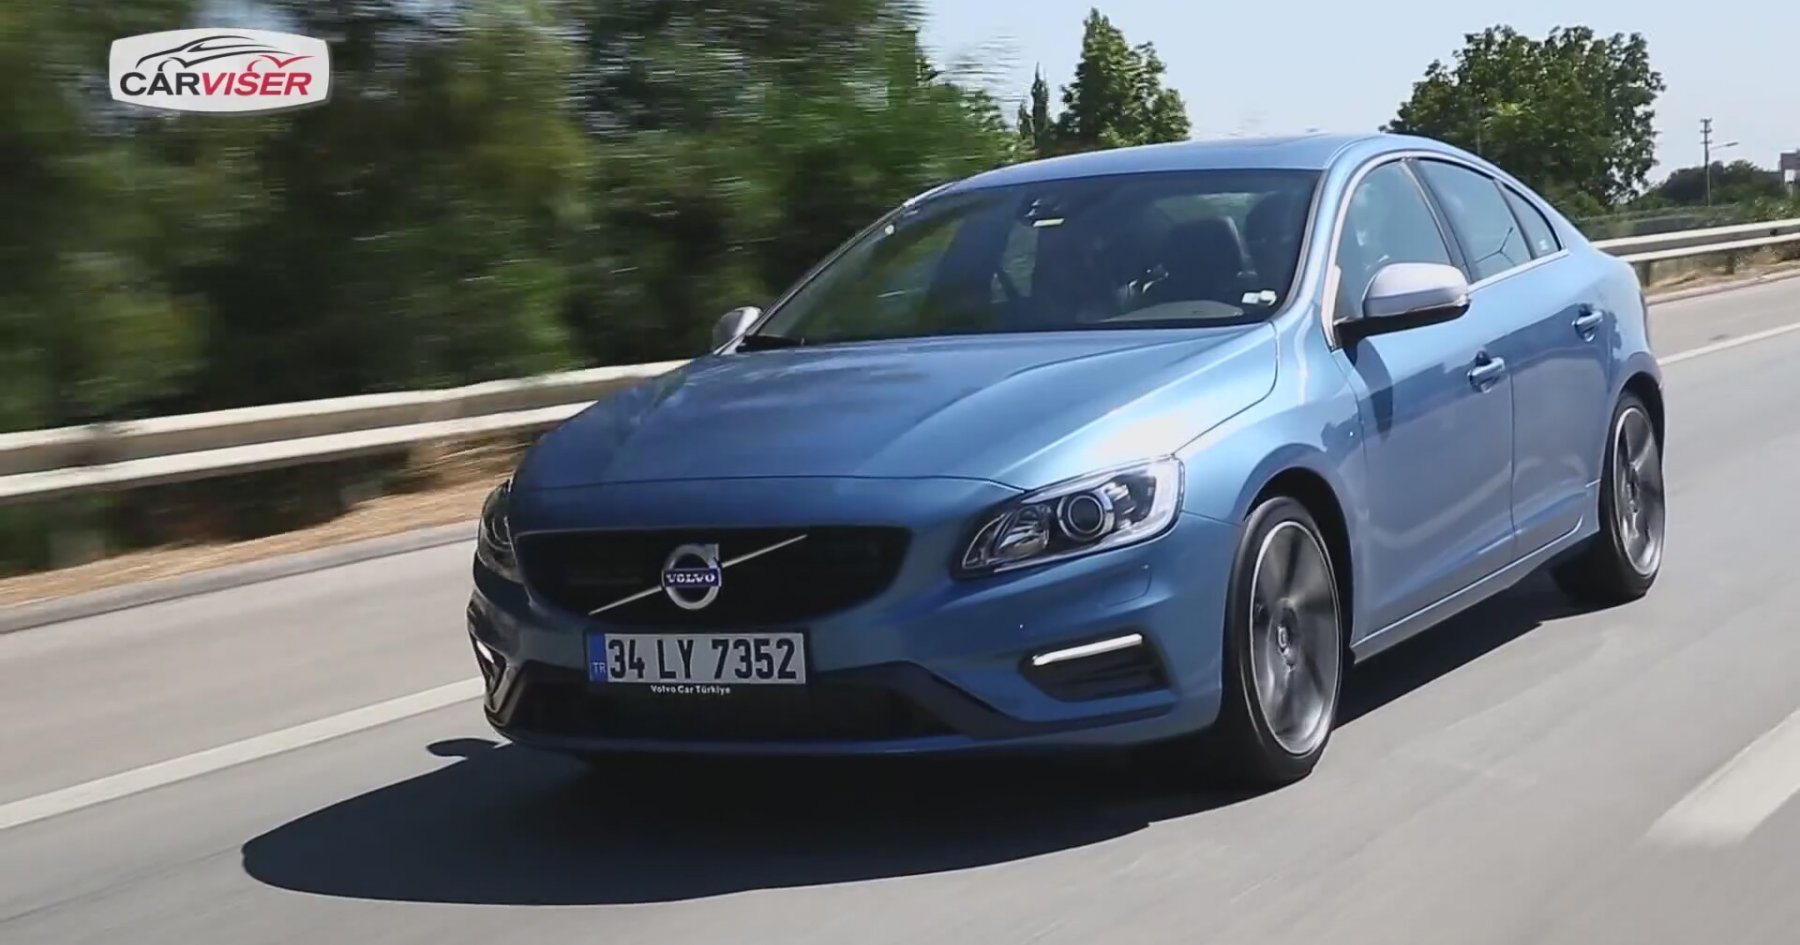 Volvo S60 T3 Test Sürüşü | İzlesene.com